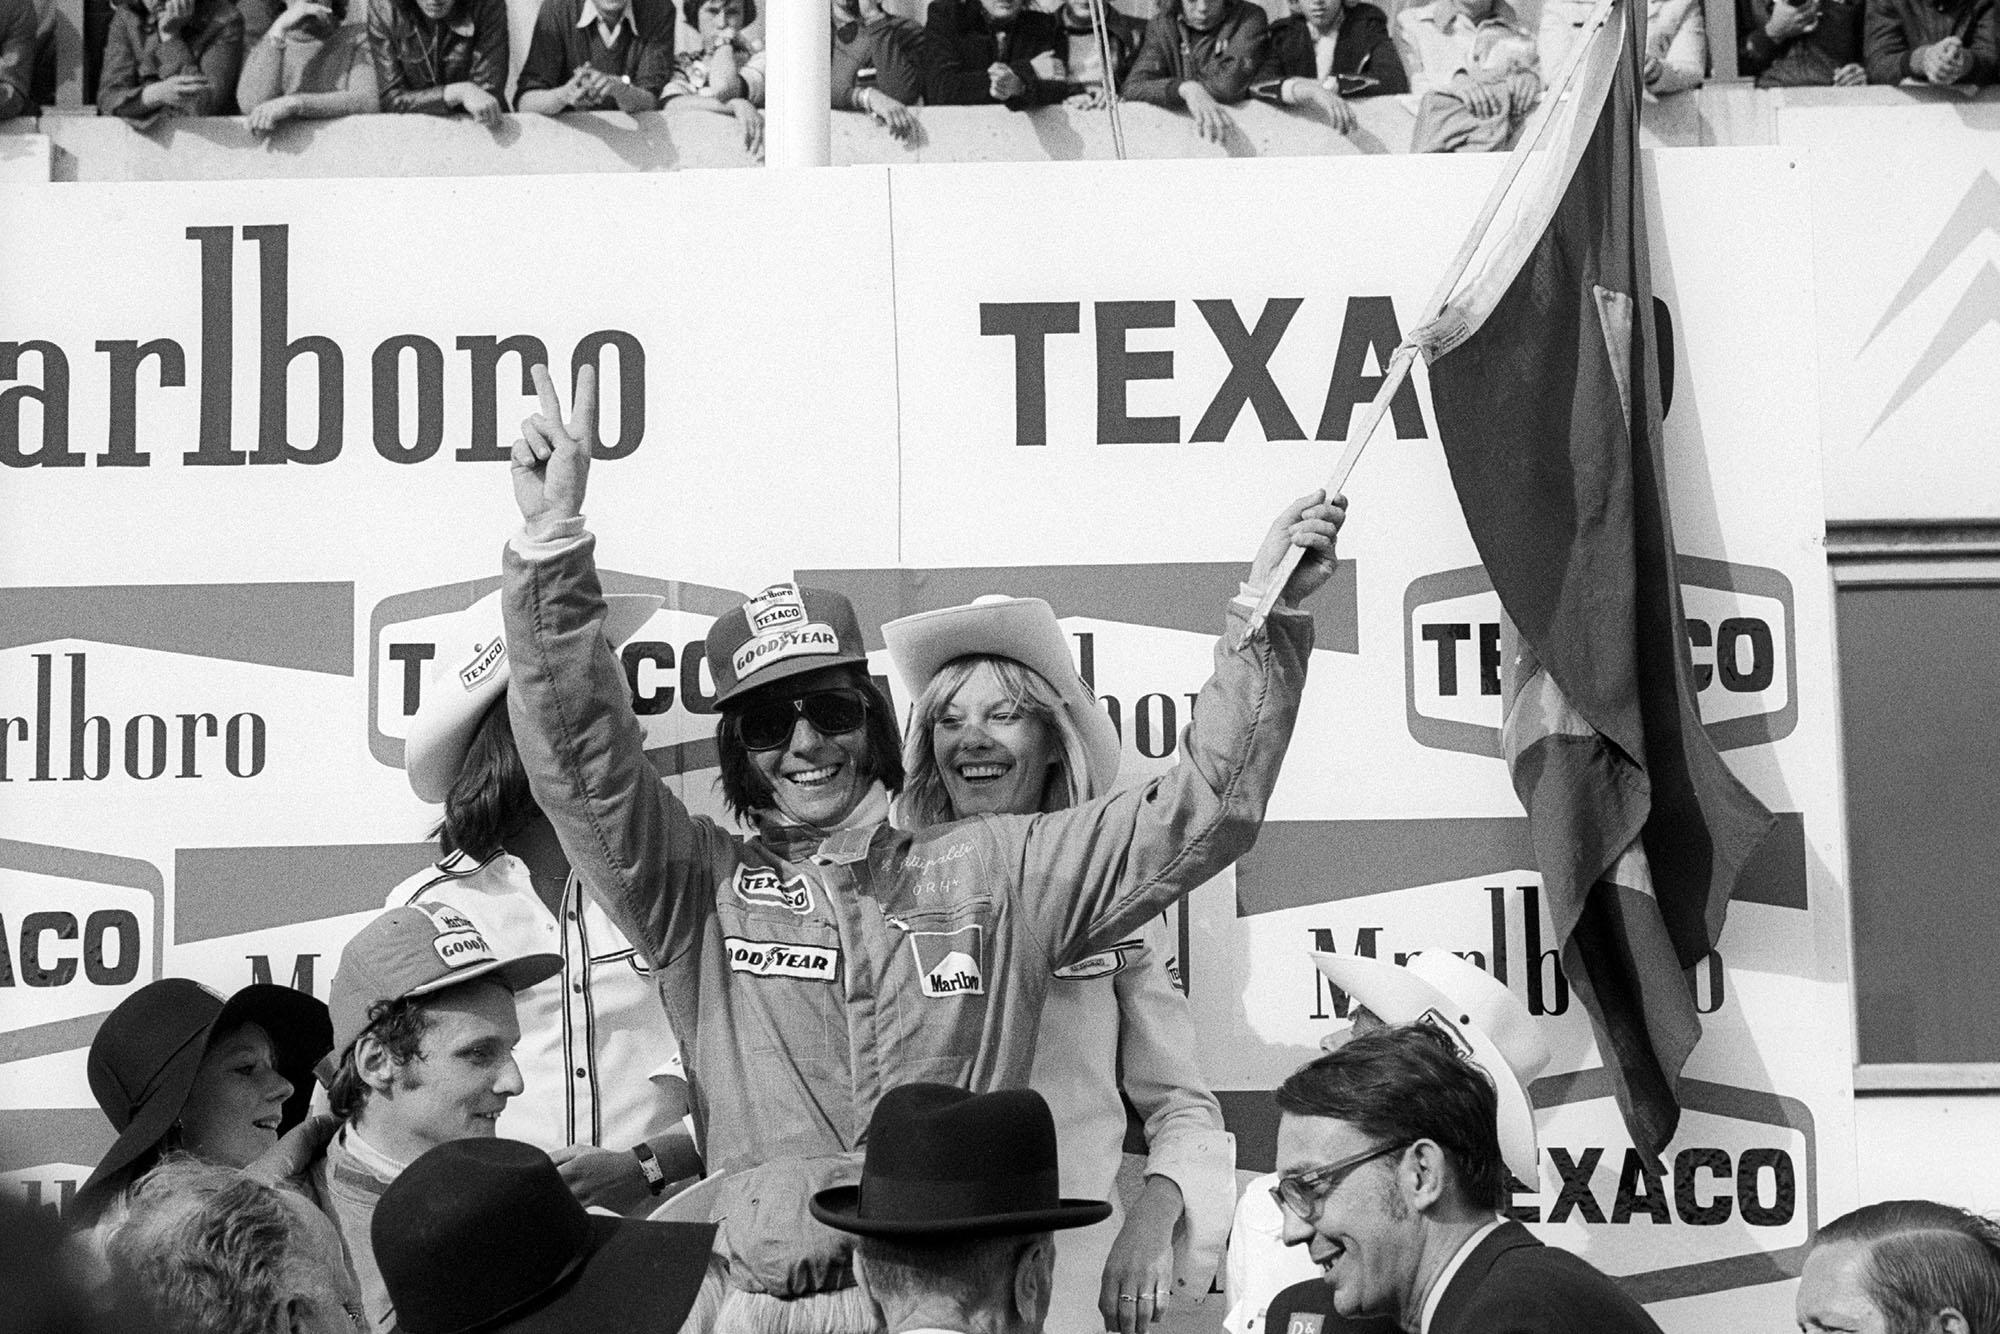 Emerson Fittipaldi celebrates his win on the podium at the 1974 Brazilian Grand Prix